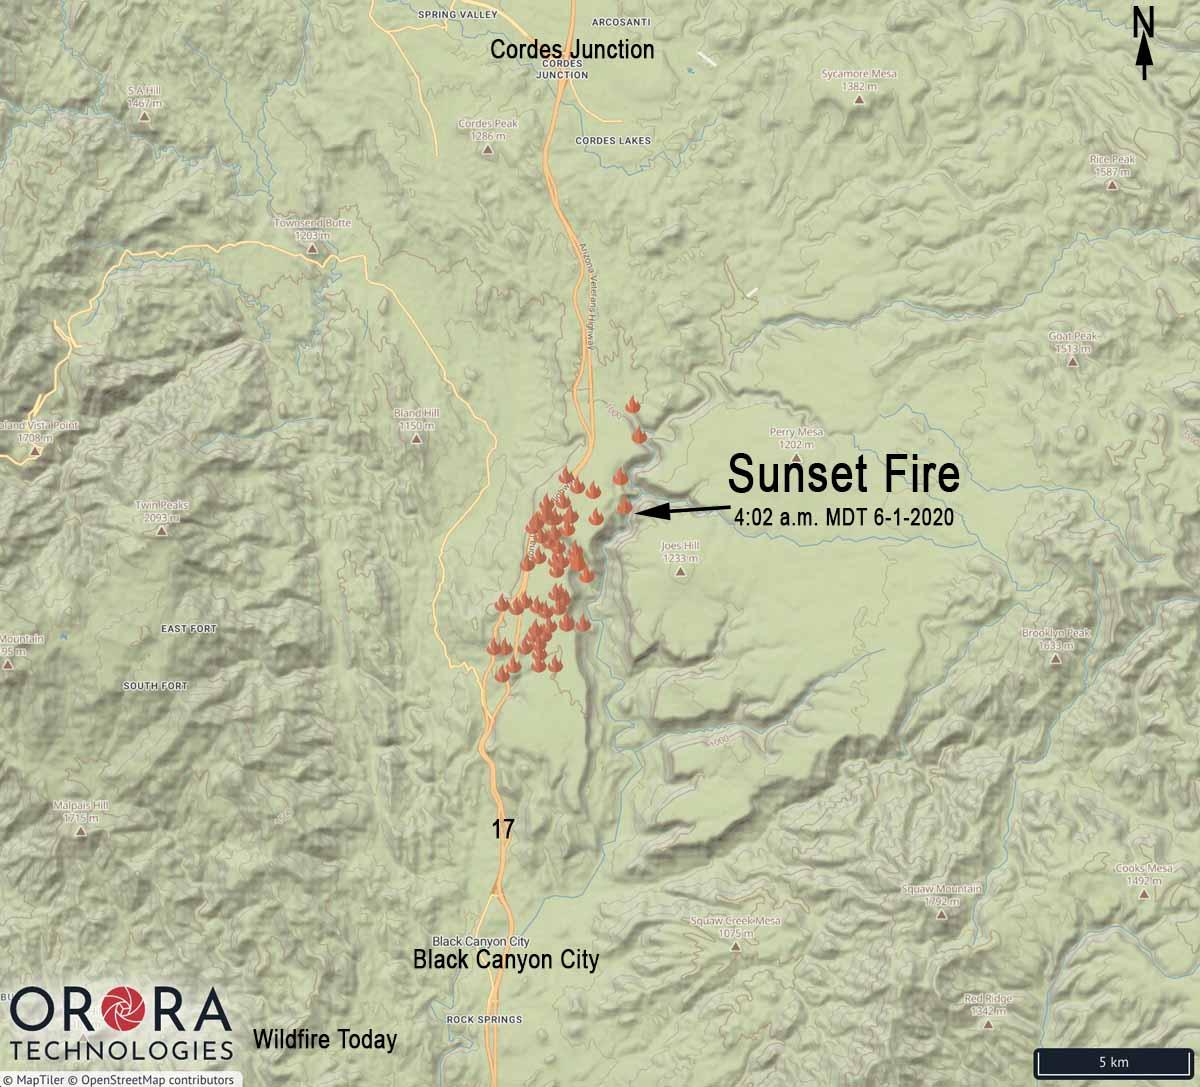 Map Sunset Fire Phoenix interstate 17 Arizona